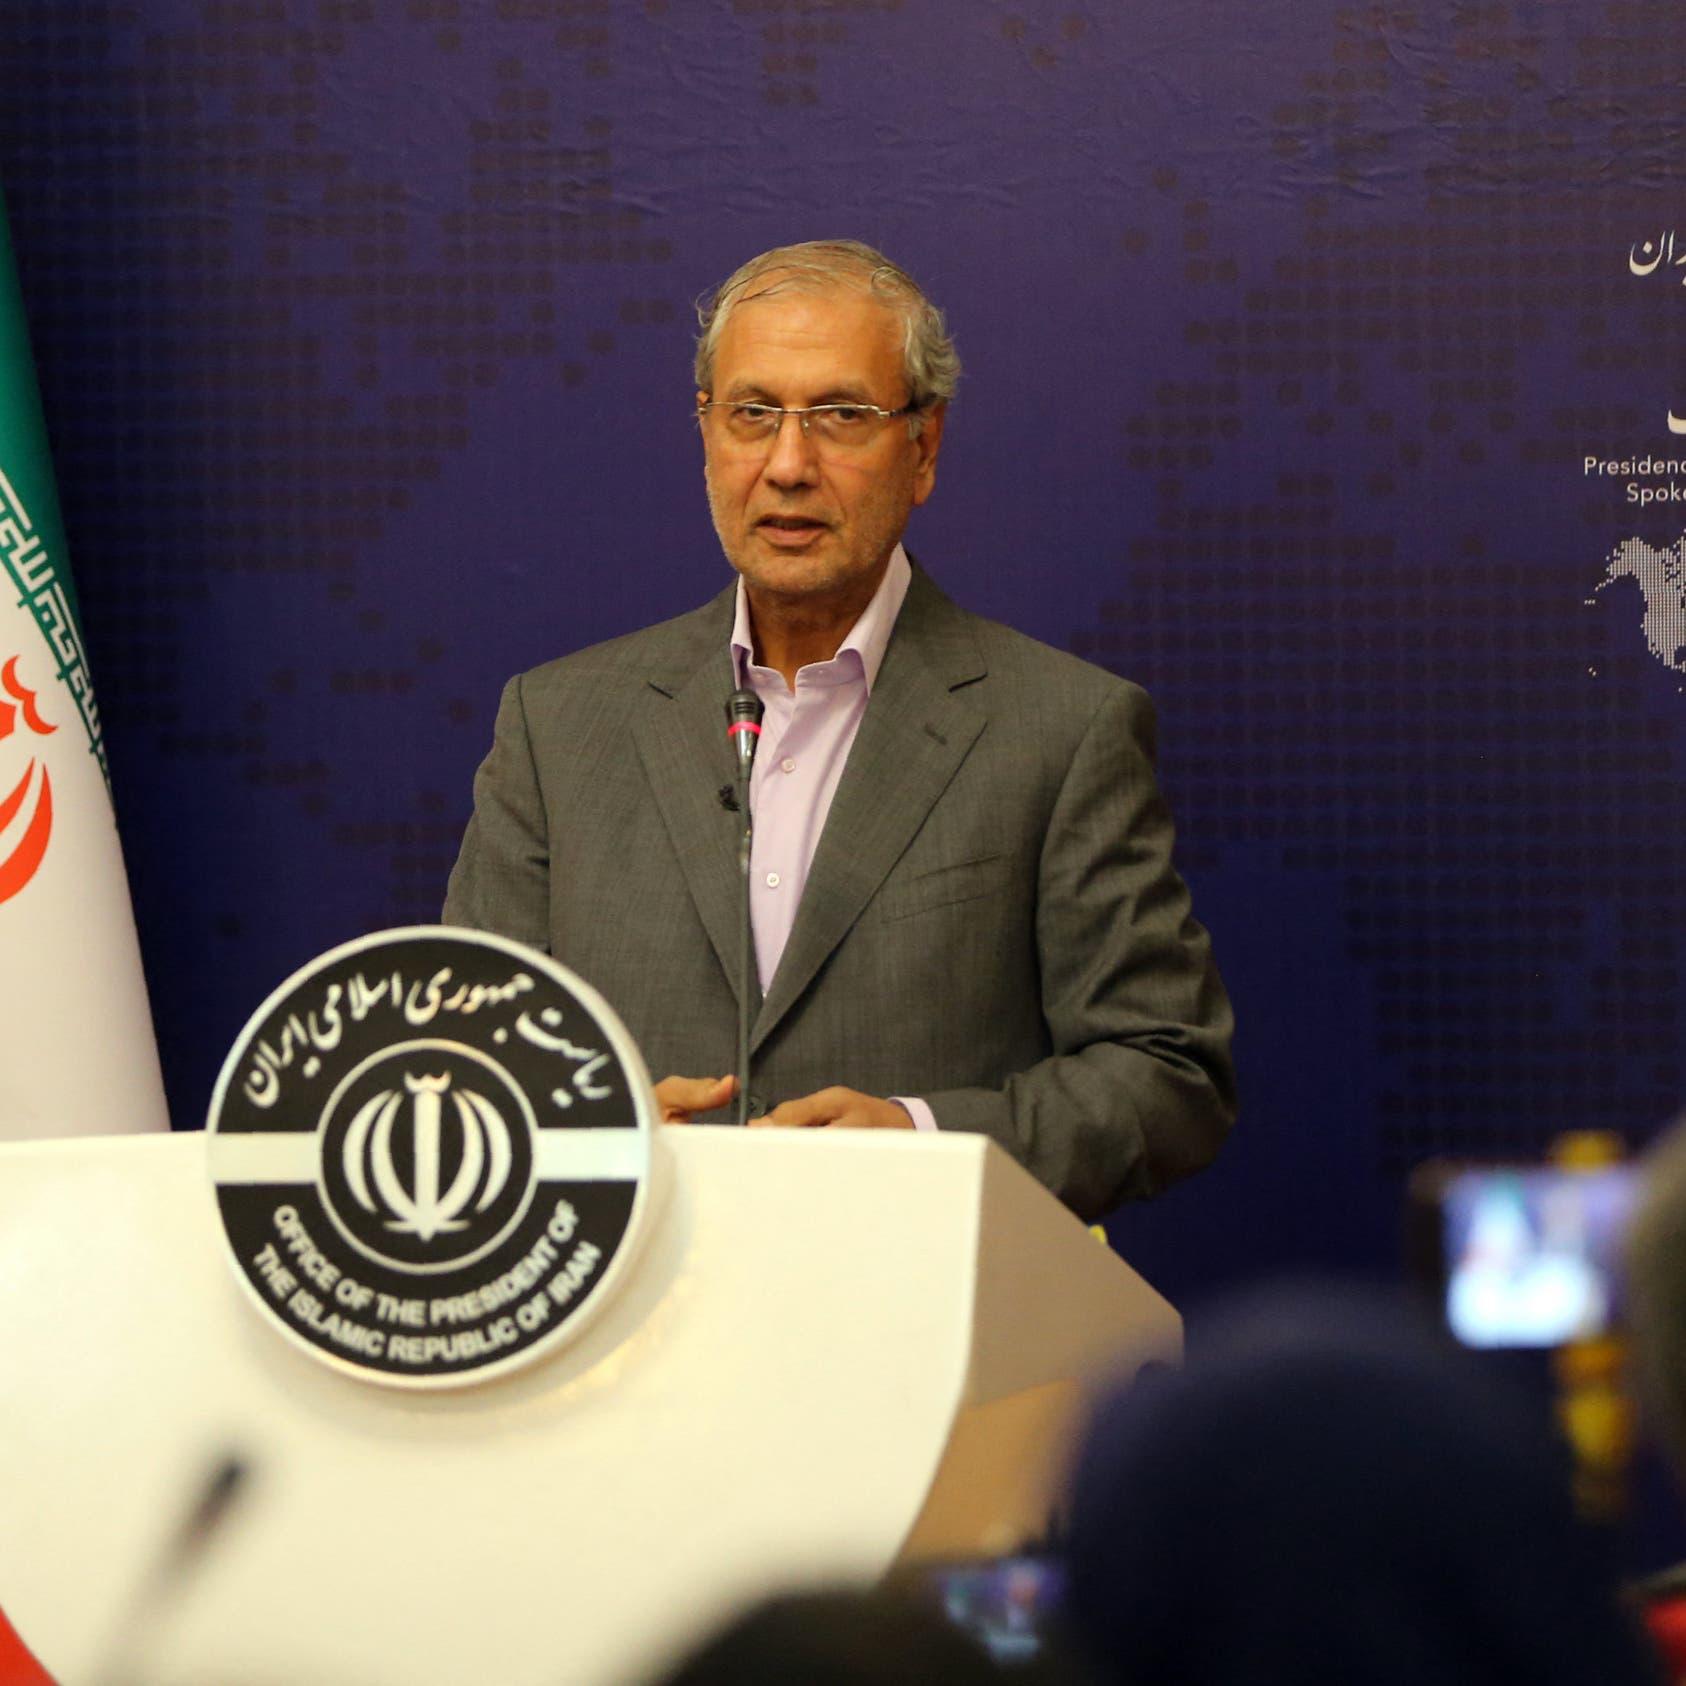 إيران: لا مأزق بمحادثات فيينا لكن بعض القضايا تحتاج وقتا